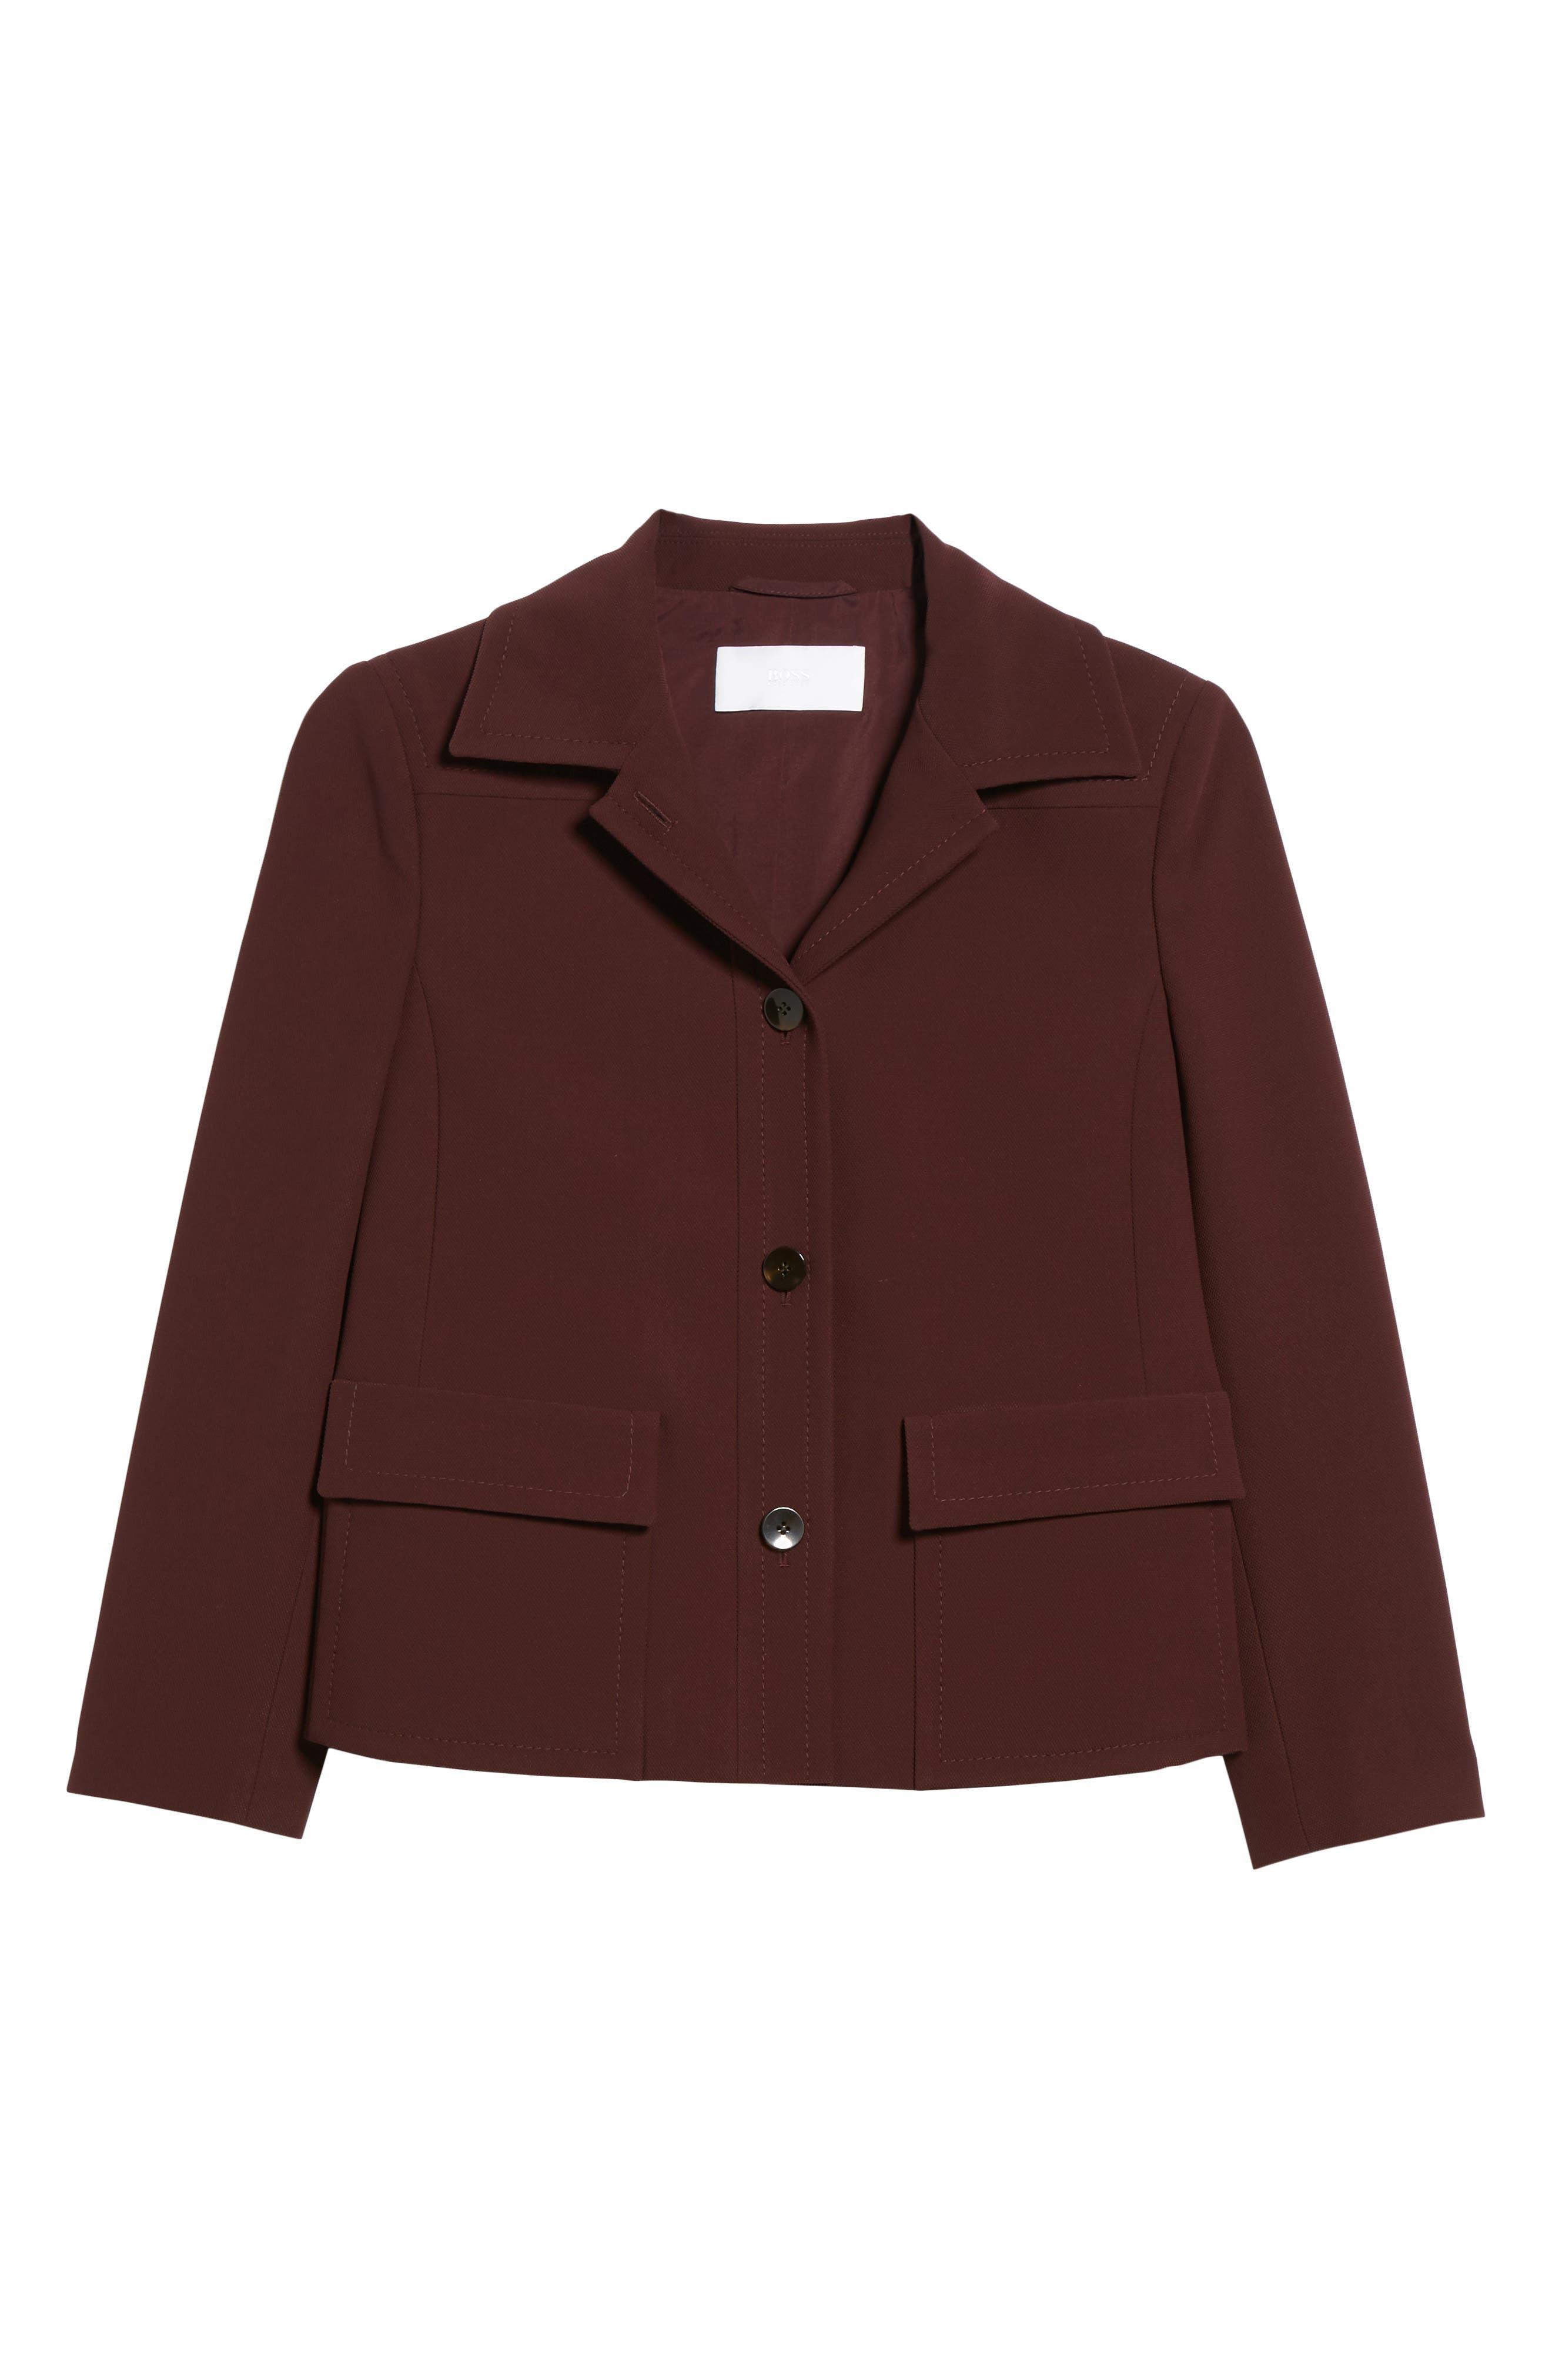 Juriona Suit Jacket,                             Alternate thumbnail 5, color,                             602